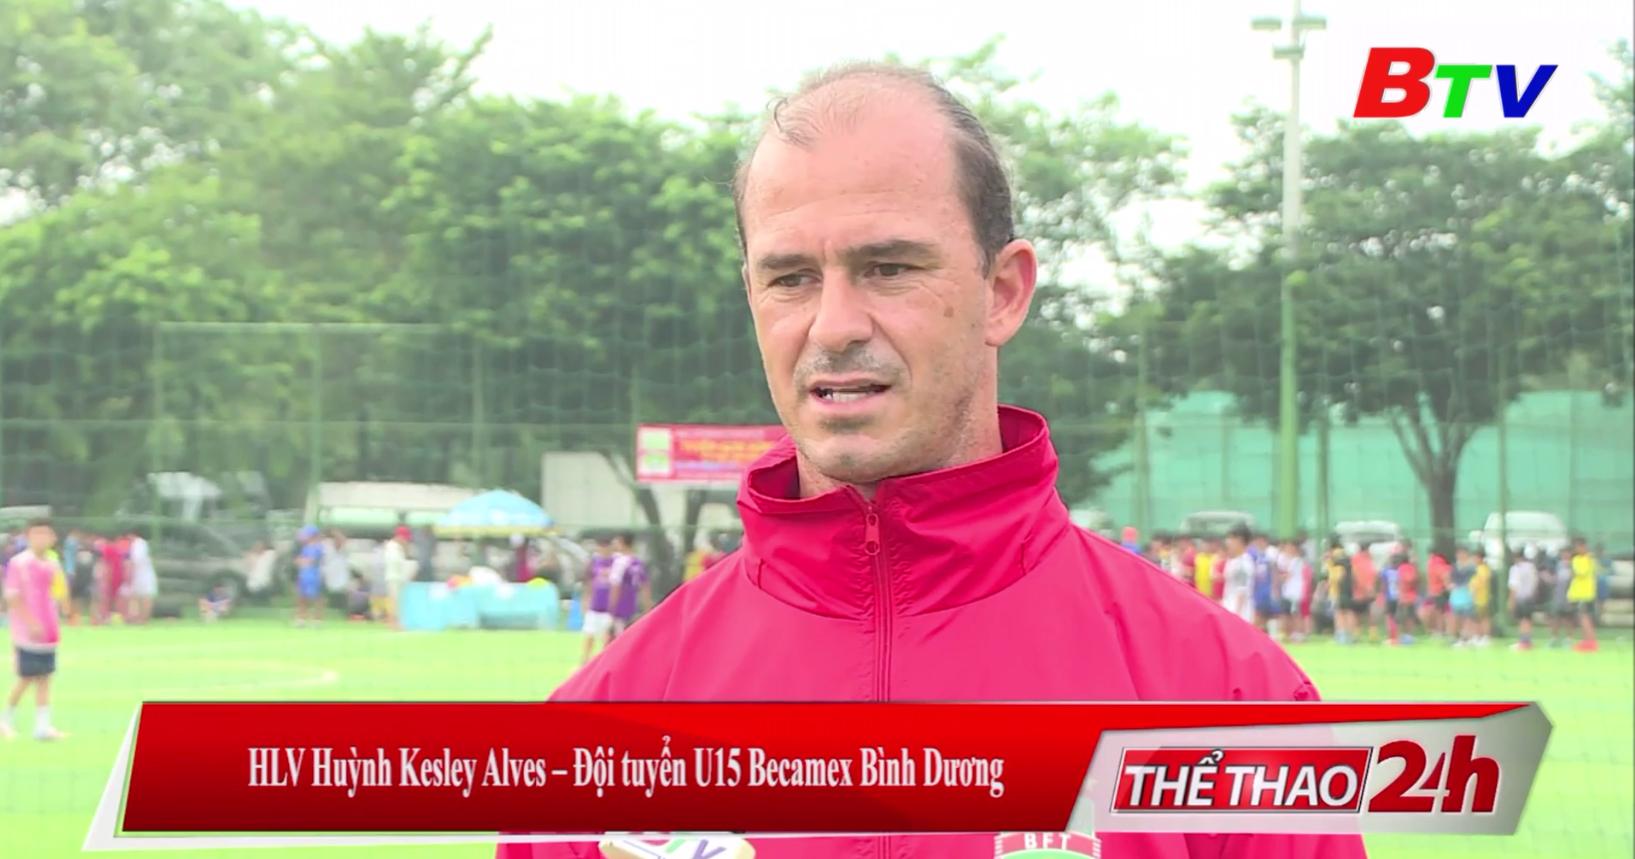 Huỳnh Kesley Alves và mối duyên cùng bóng đá Bình Dương